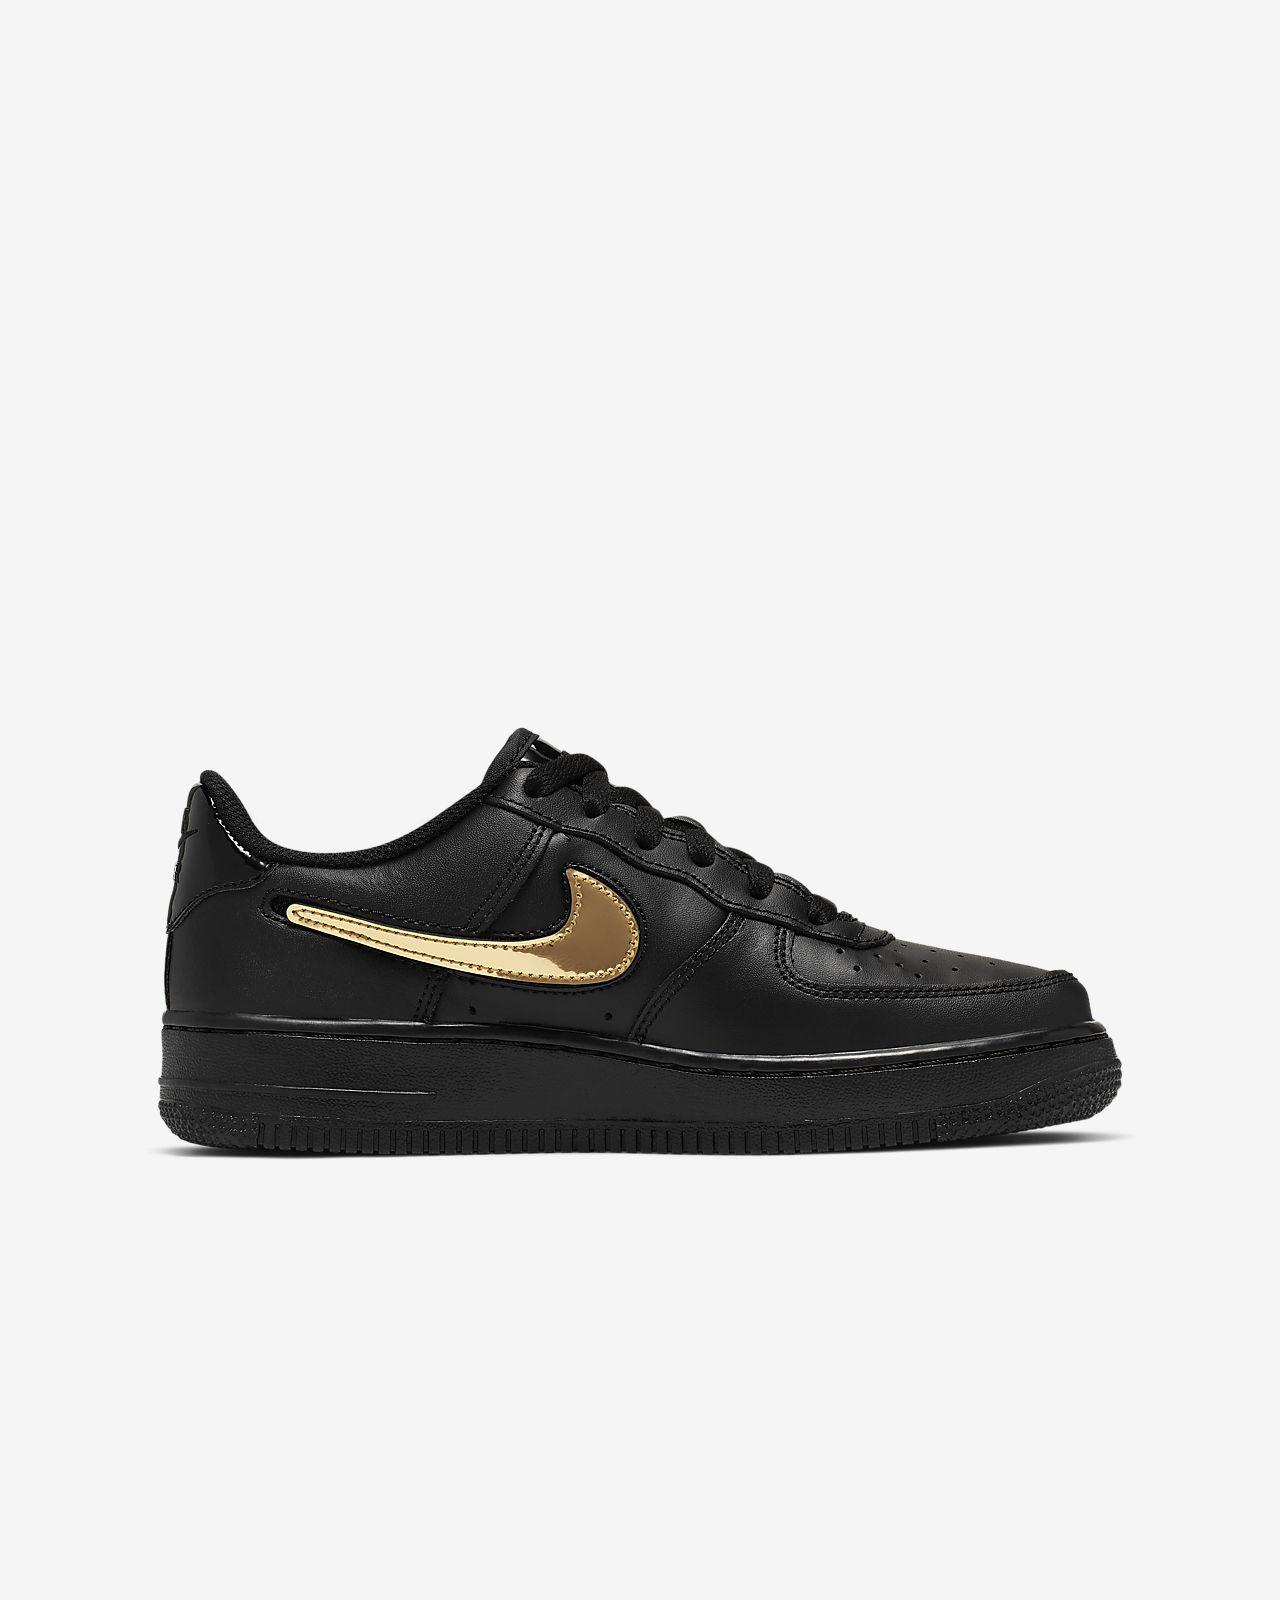 Lv8 Pour Plus 3 Air 1 Force Chaussure Nike Âgé Enfant N8vnm0Ow